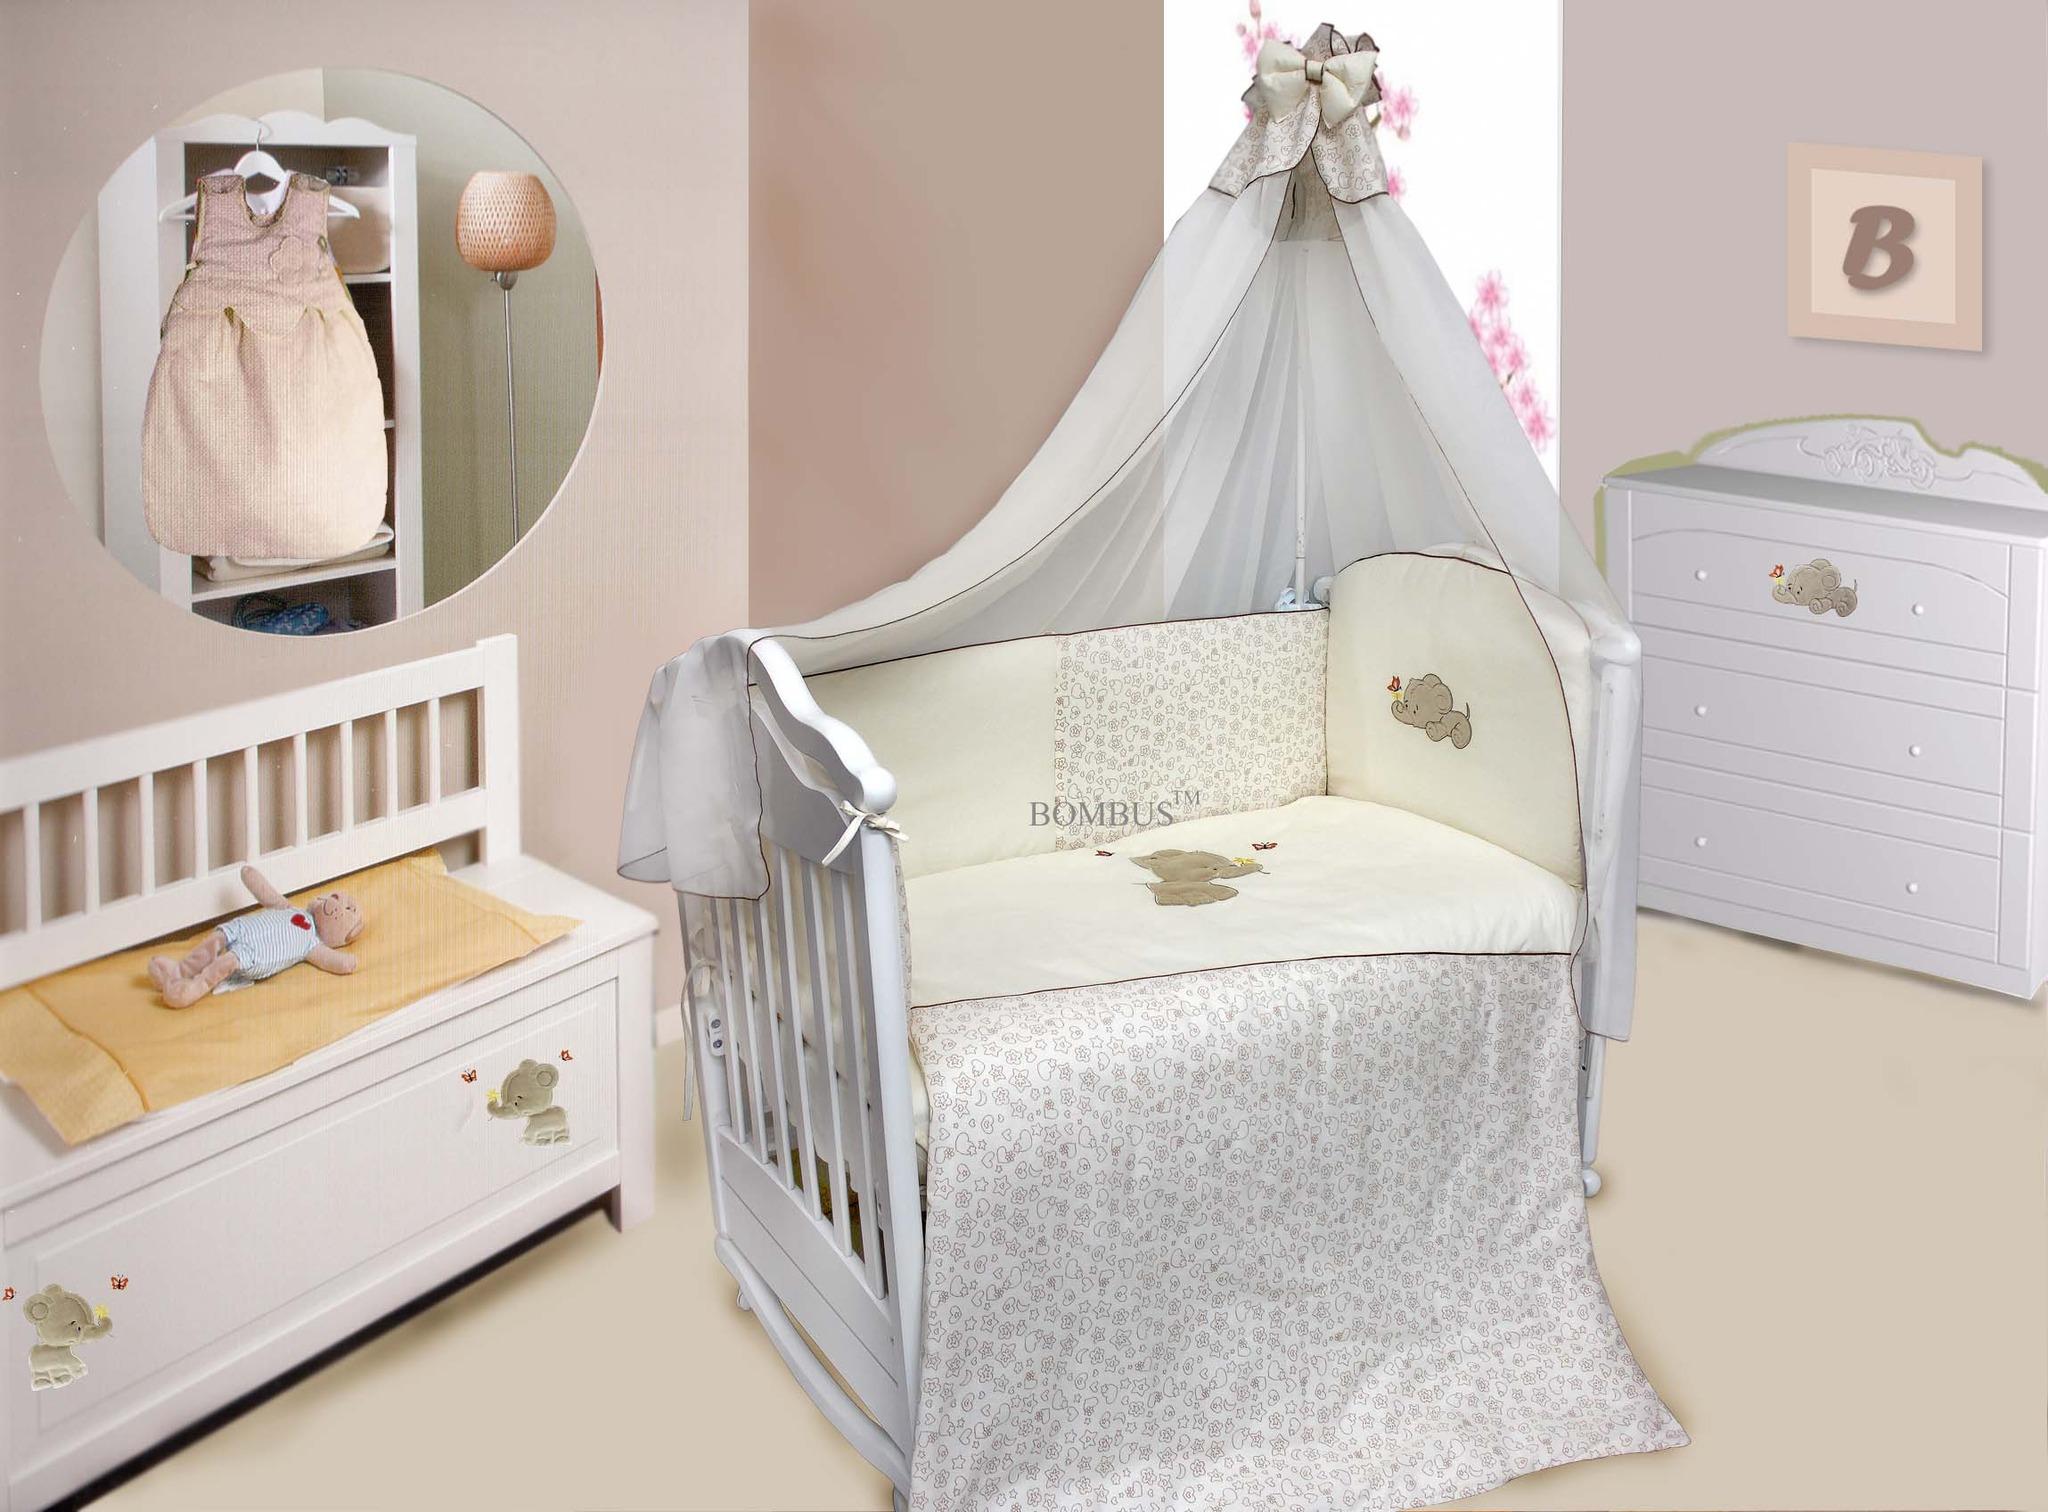 Комплект в кроватку - Милый слоник, 7 предметовДетское постельное белье<br>Комплект в кроватку - Милый слоник, 7 предметов<br>